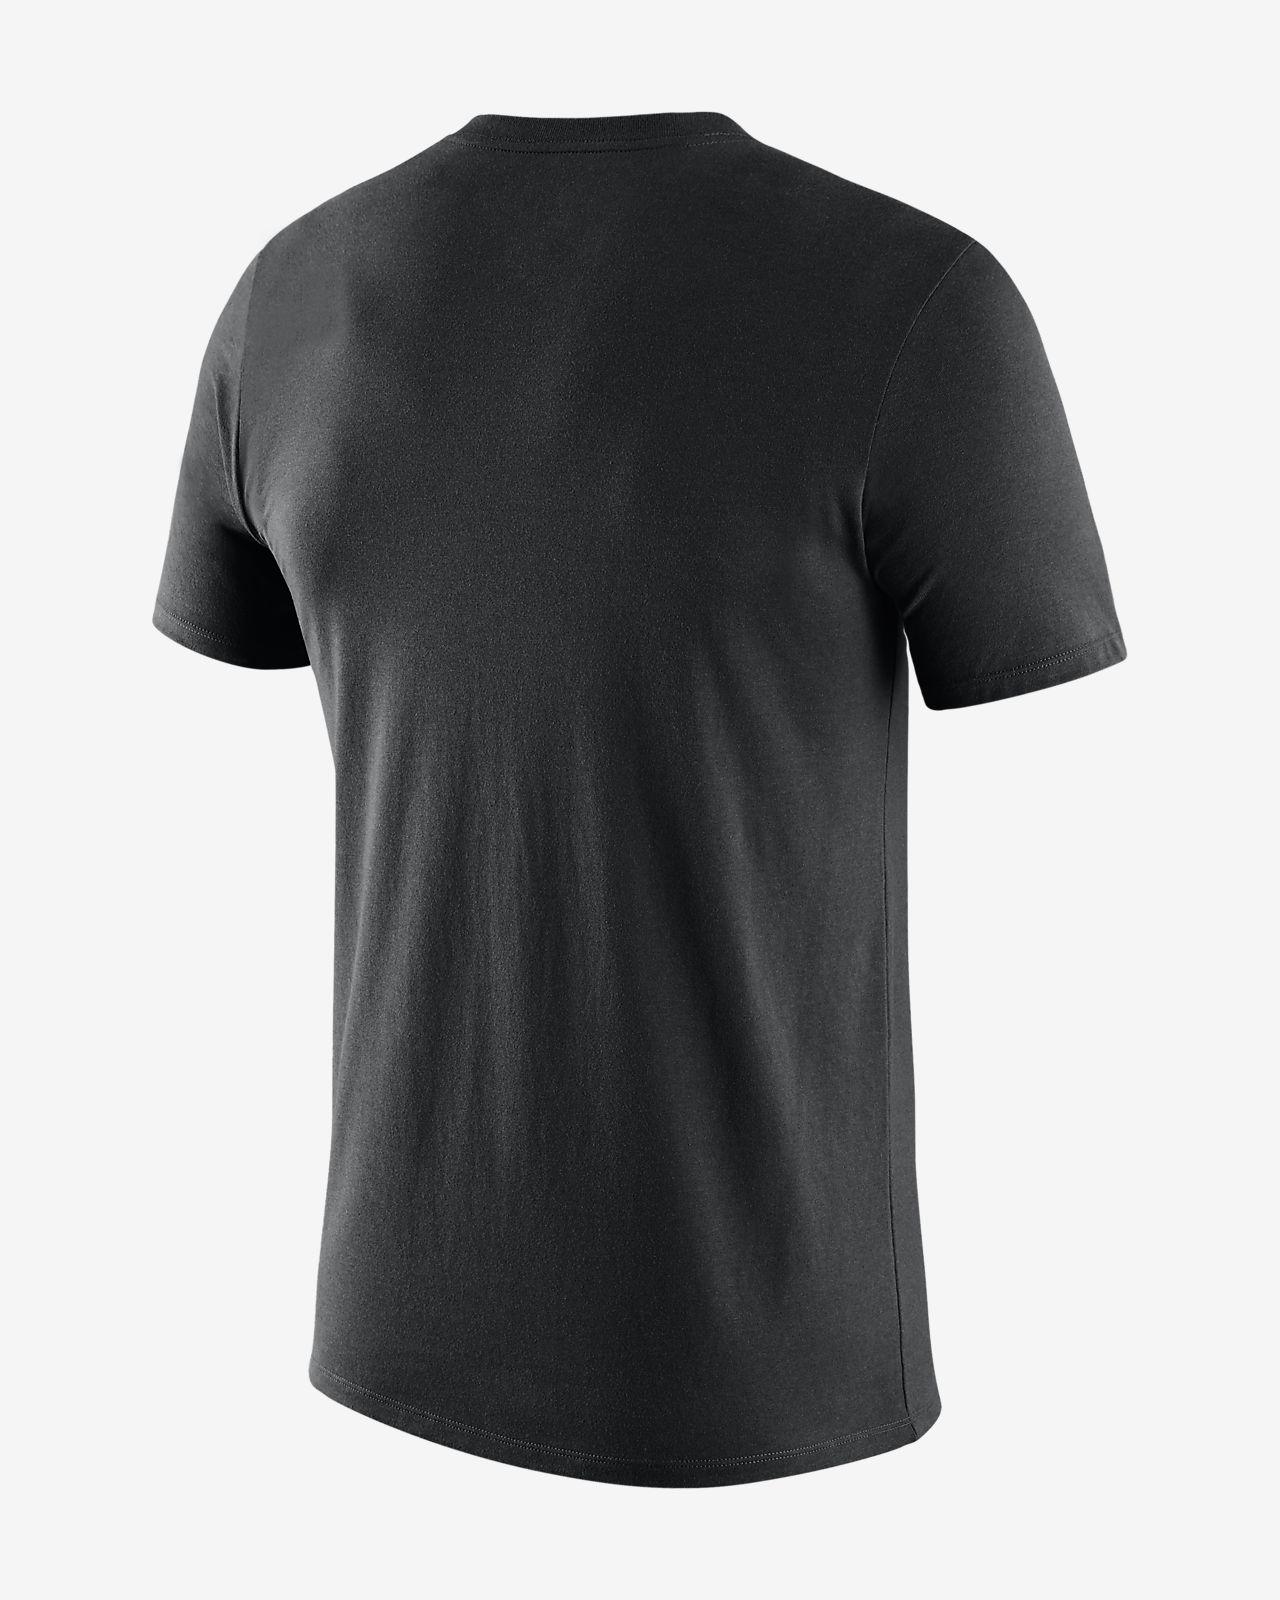 buy online 0d51d ca154 Kyrie Irving Boston Celtics Nike Dri-FIT Men's NBA T-Shirt